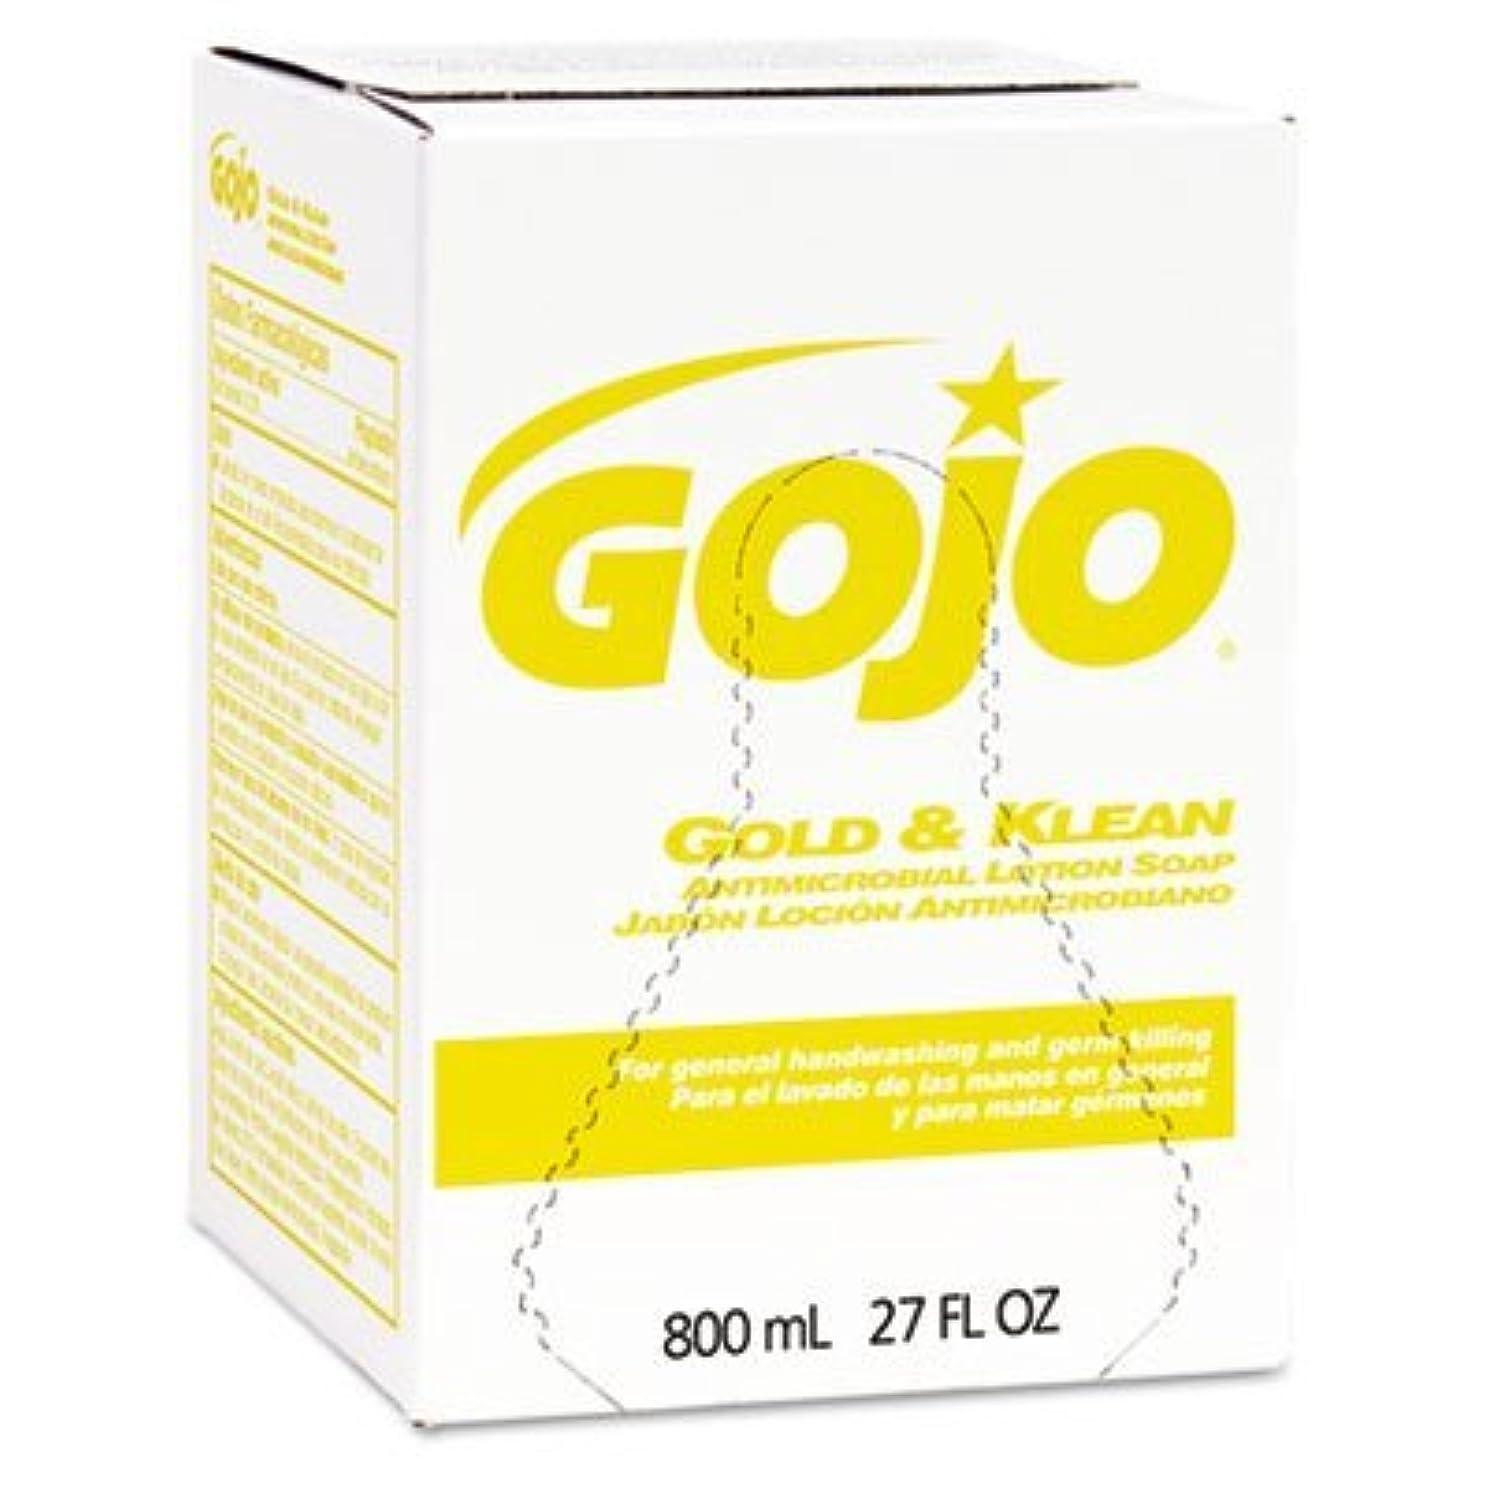 ジャンルテレックス論文goj910212 – GOJOモイスチャライジングローションSoap